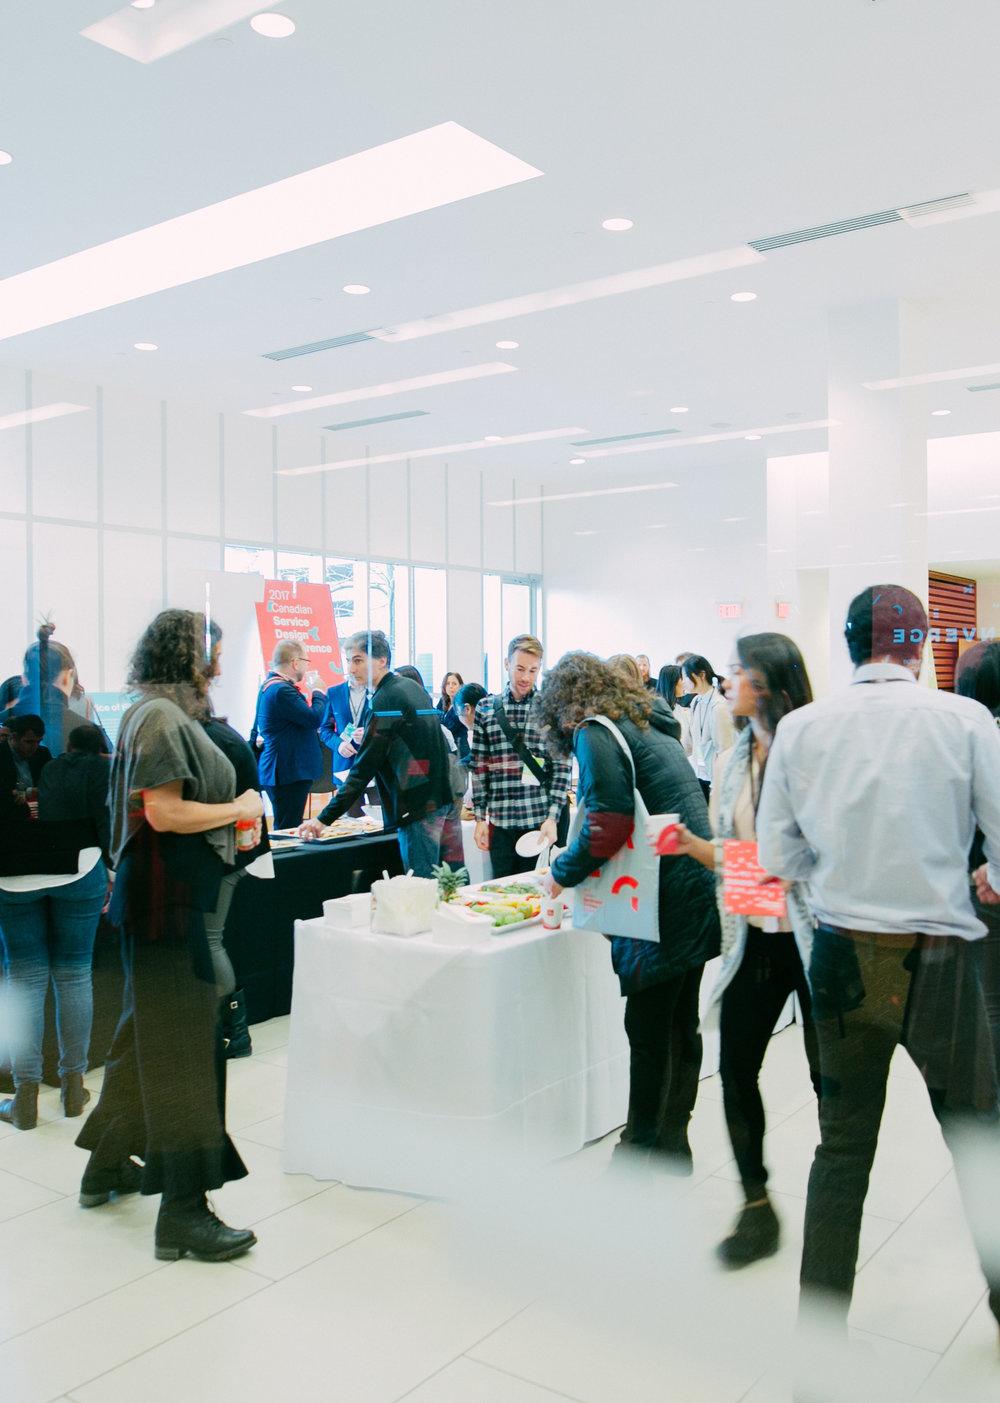 À propos de la conférence - Joignez-vous à nous les 29 et 30 novembre 2018 à Montréal pour la troisième conférence annuelle de Service Design Canada. En partenariat avec Service Design Network Canada, cette conférence de deux jours rassemblera les professionnels, les enthousiastes, les chercheurs et les étudiants en design de service pour explorer ce champ de pratique émergent.